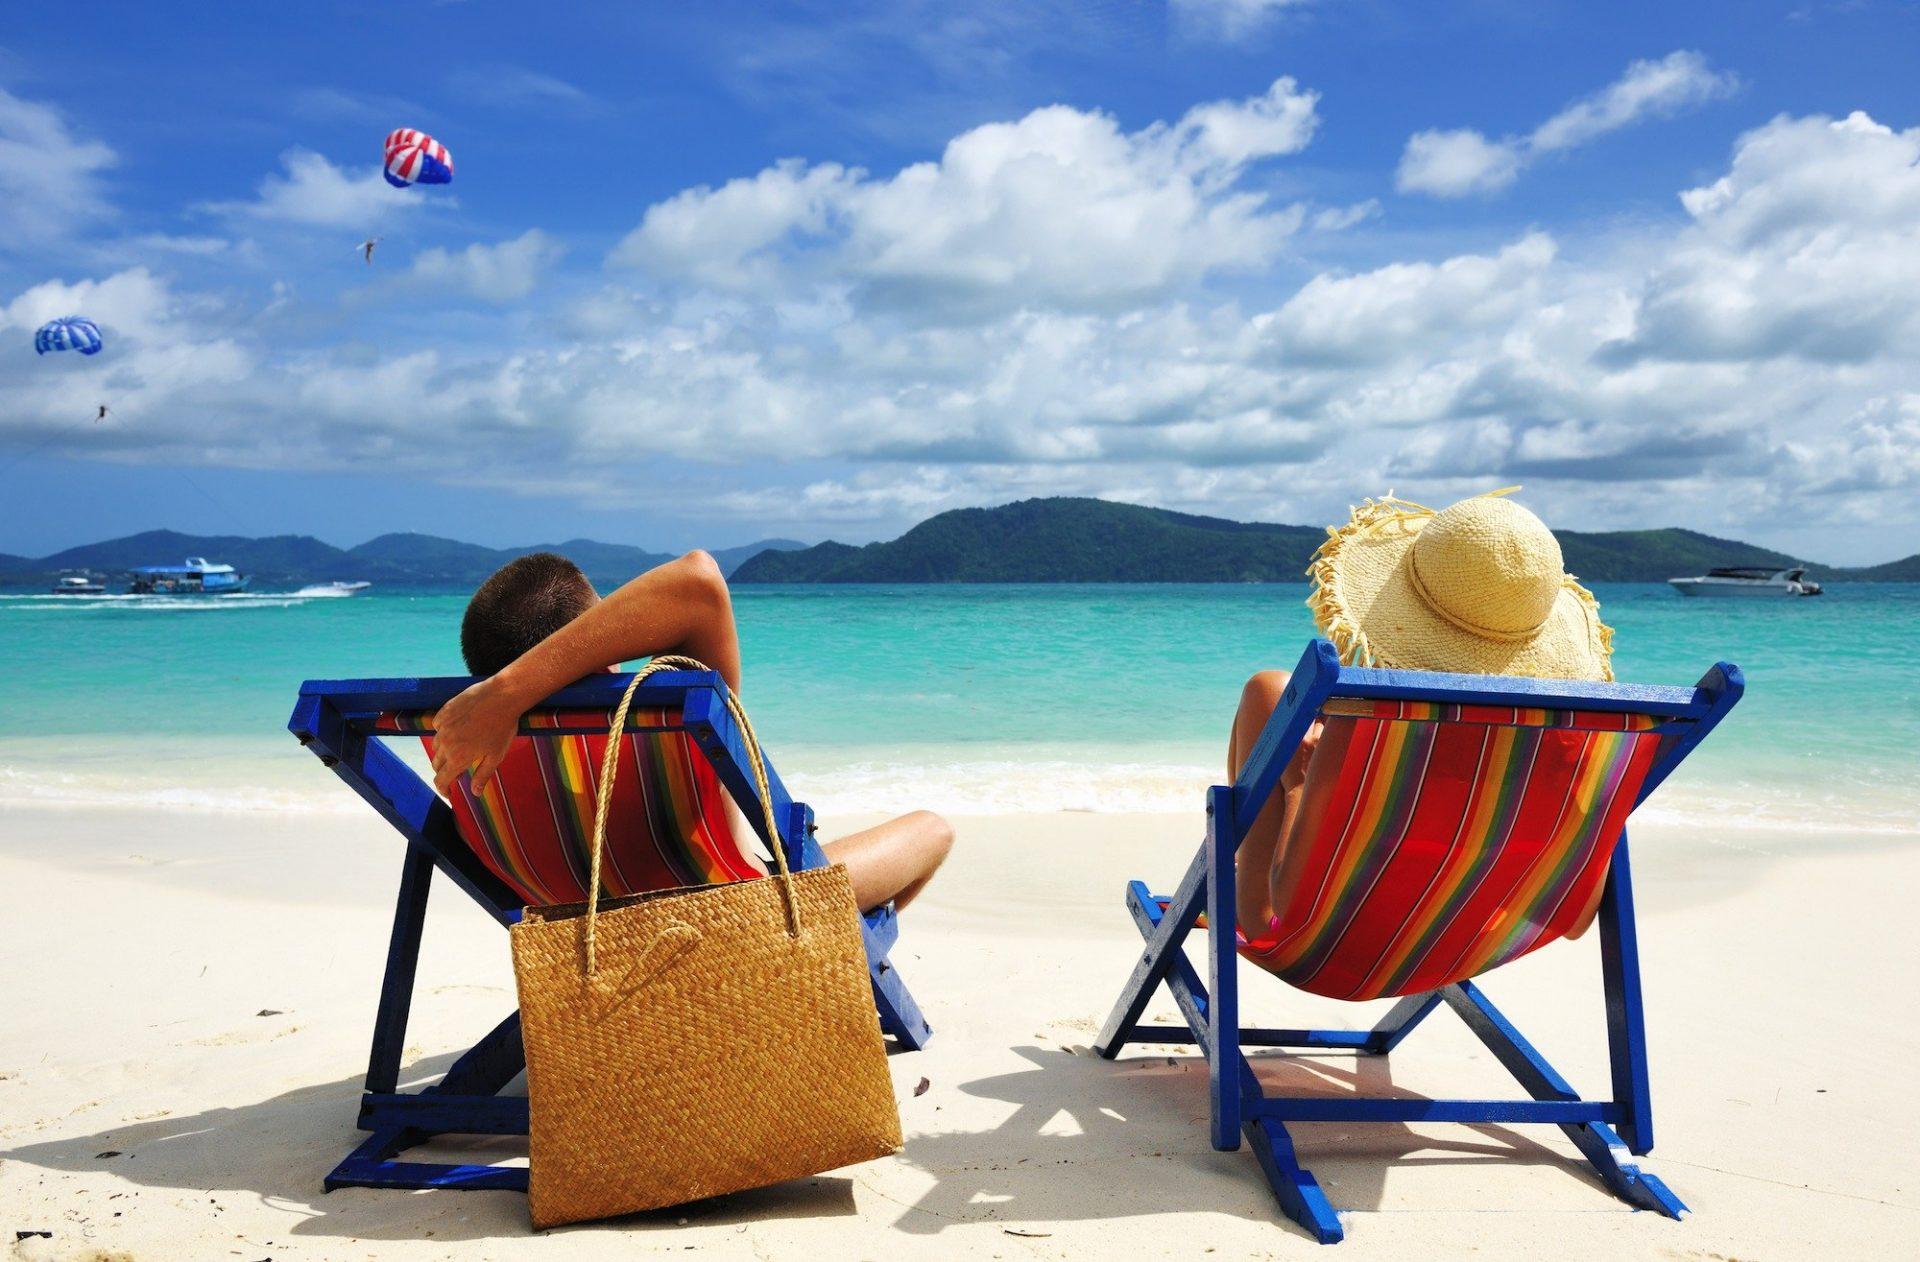 6 coisas que estudantes de engenharia podem fazer para aproveitar as férias